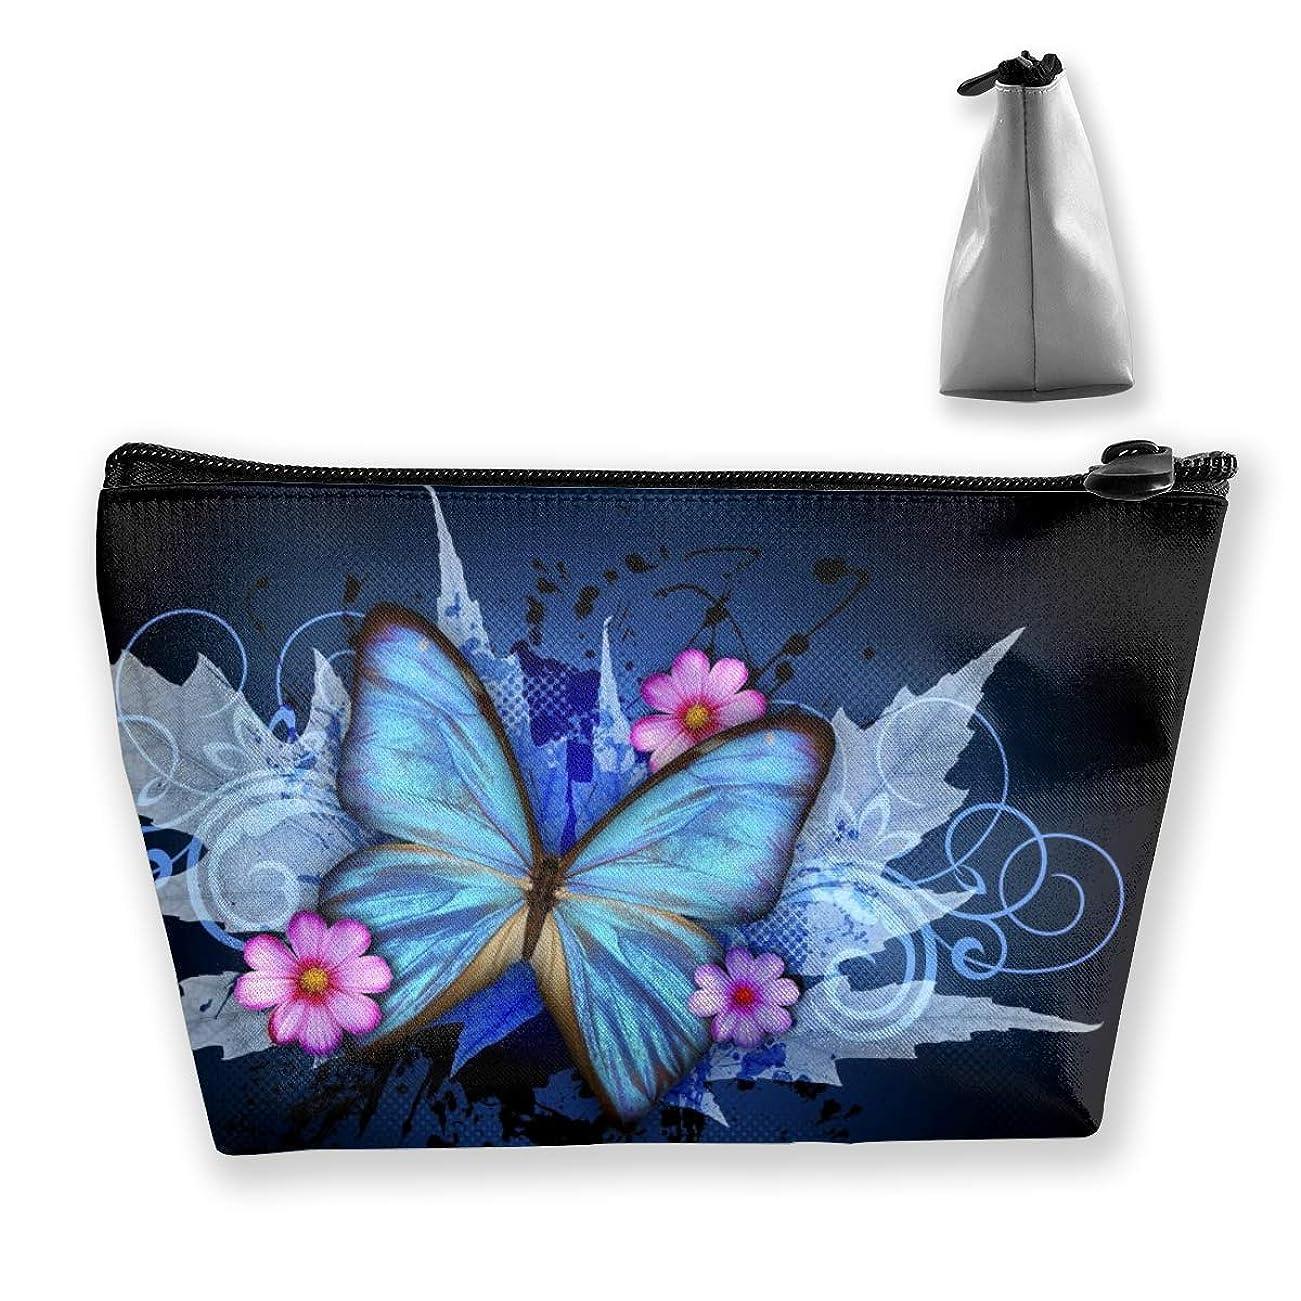 お気に入りモート許されるSzsgqkj バタフライ 化粧品袋の携帯用旅行構造の袋の洗面用品の主催者